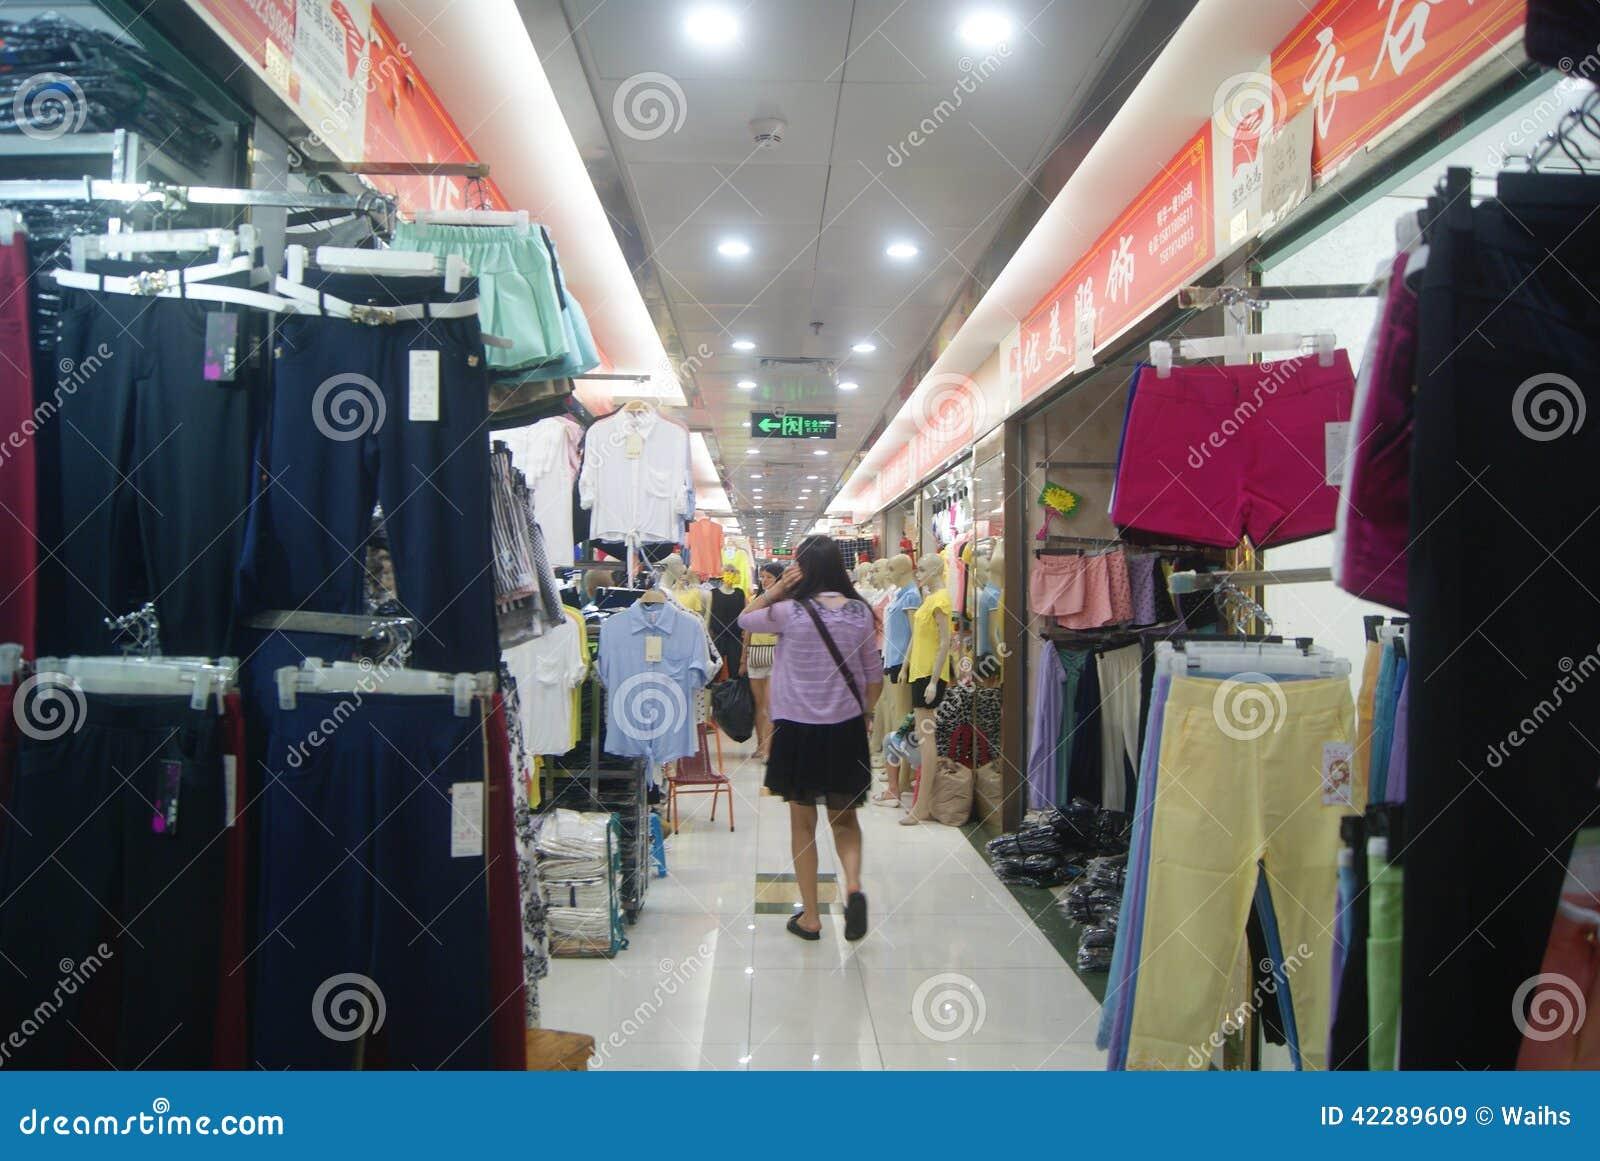 shenzhen china mercado al por mayor de la ropa imagen de